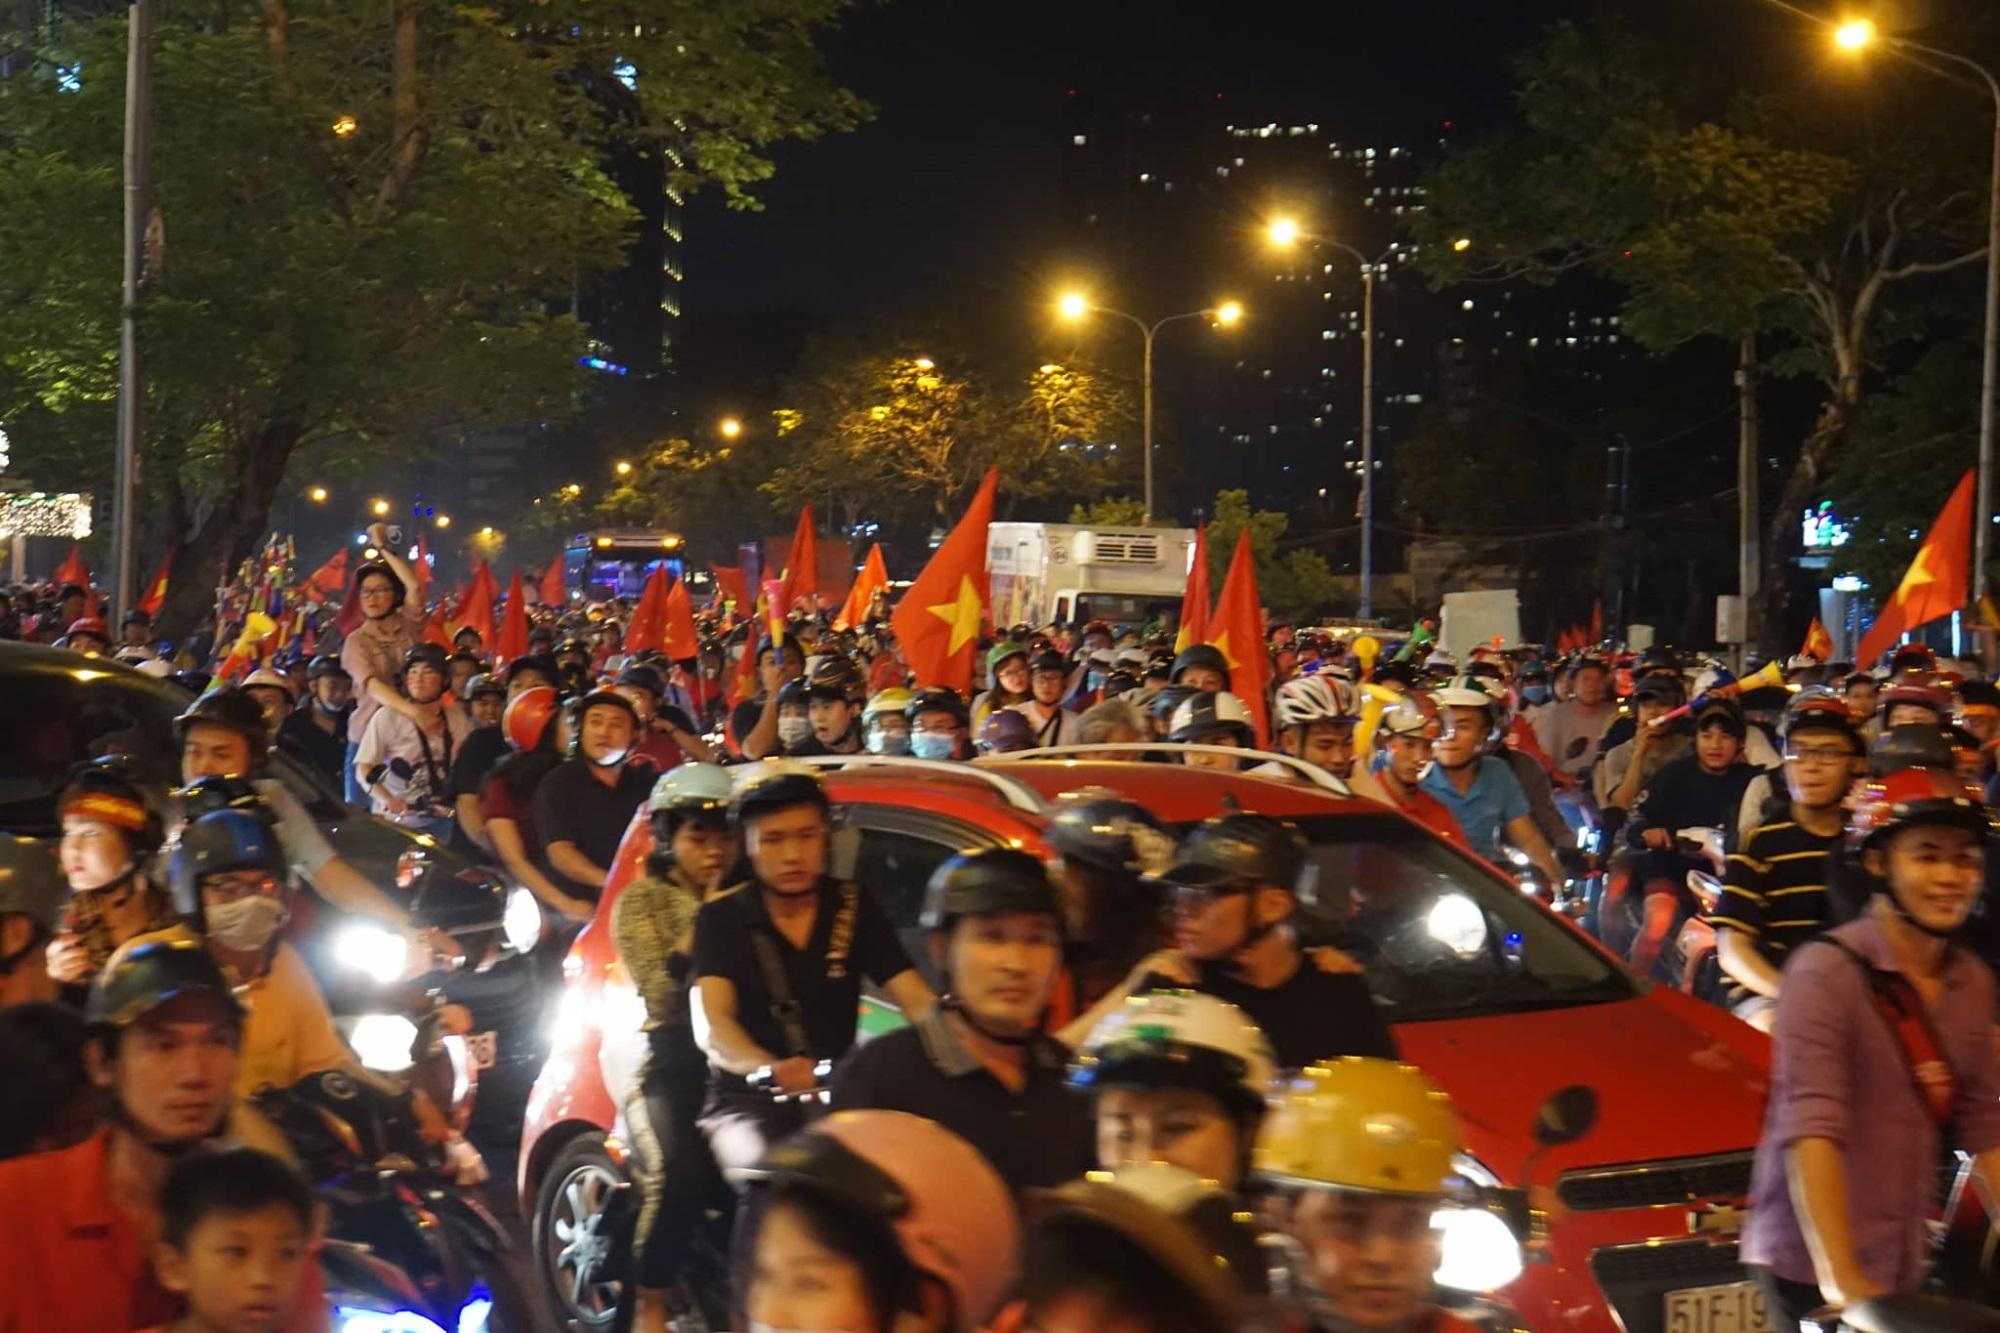 Pháo sáng, cờ hoa rực rỡ Sài Gòn khi triệu người xuống đường ăn mừng Việt Nam vào chung kết AFF Cup 2018 - Ảnh 14